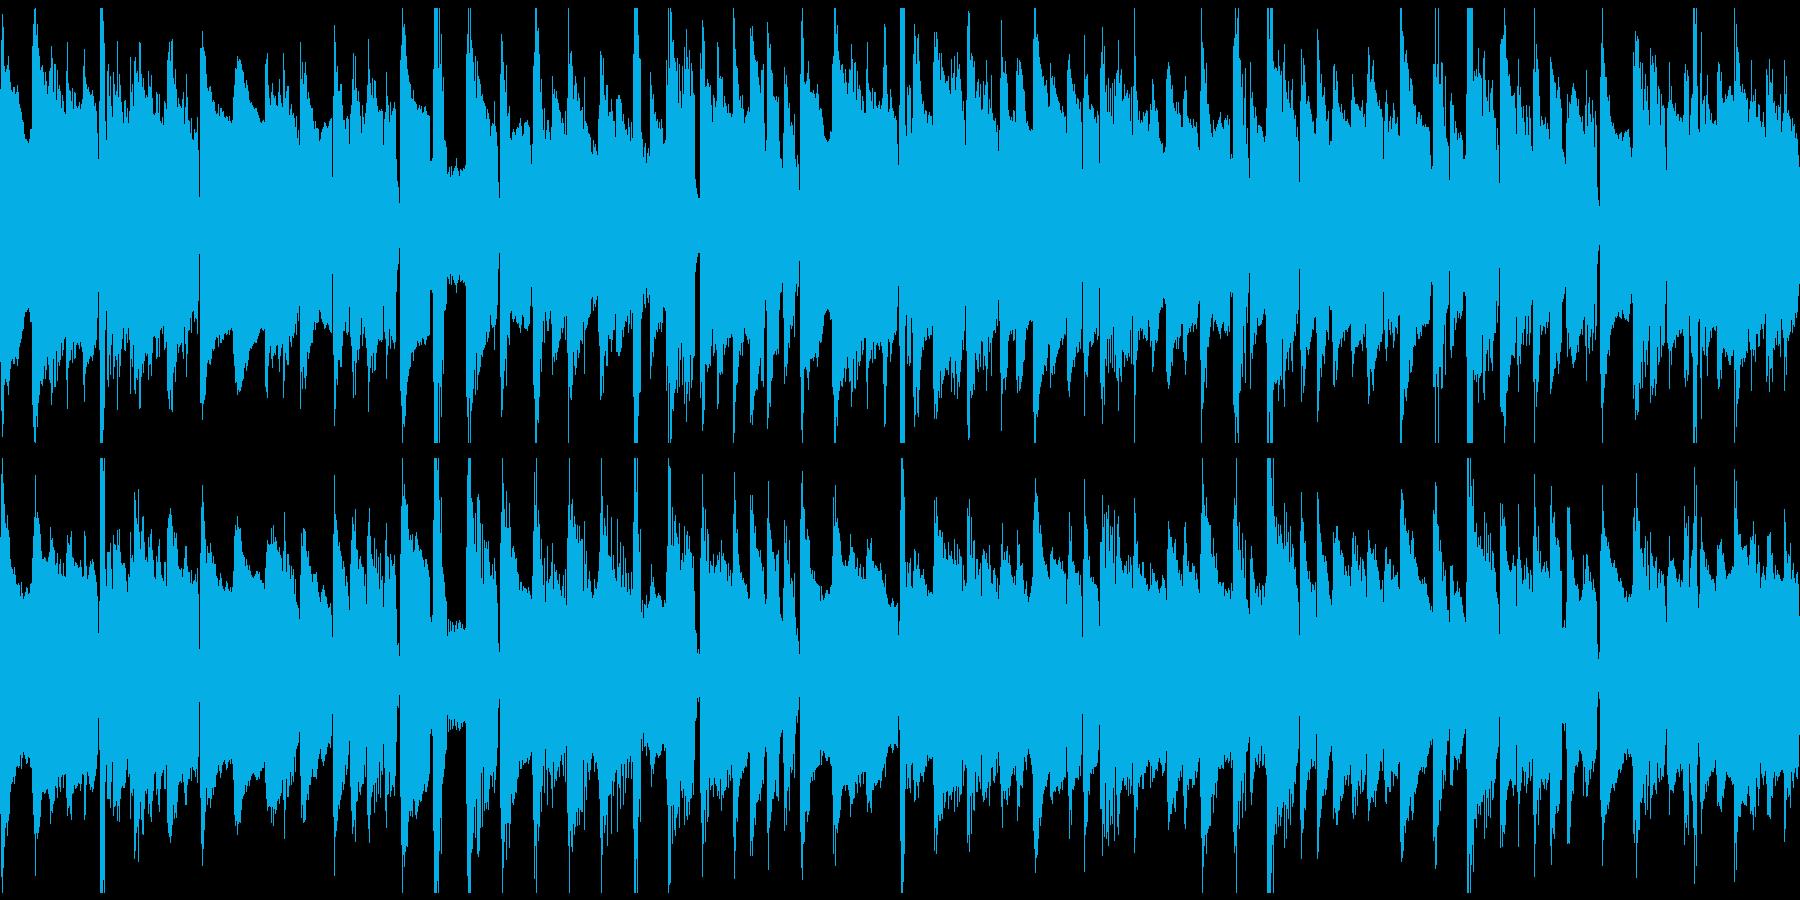 ハープシコードの三拍子BGM(ループ)の再生済みの波形